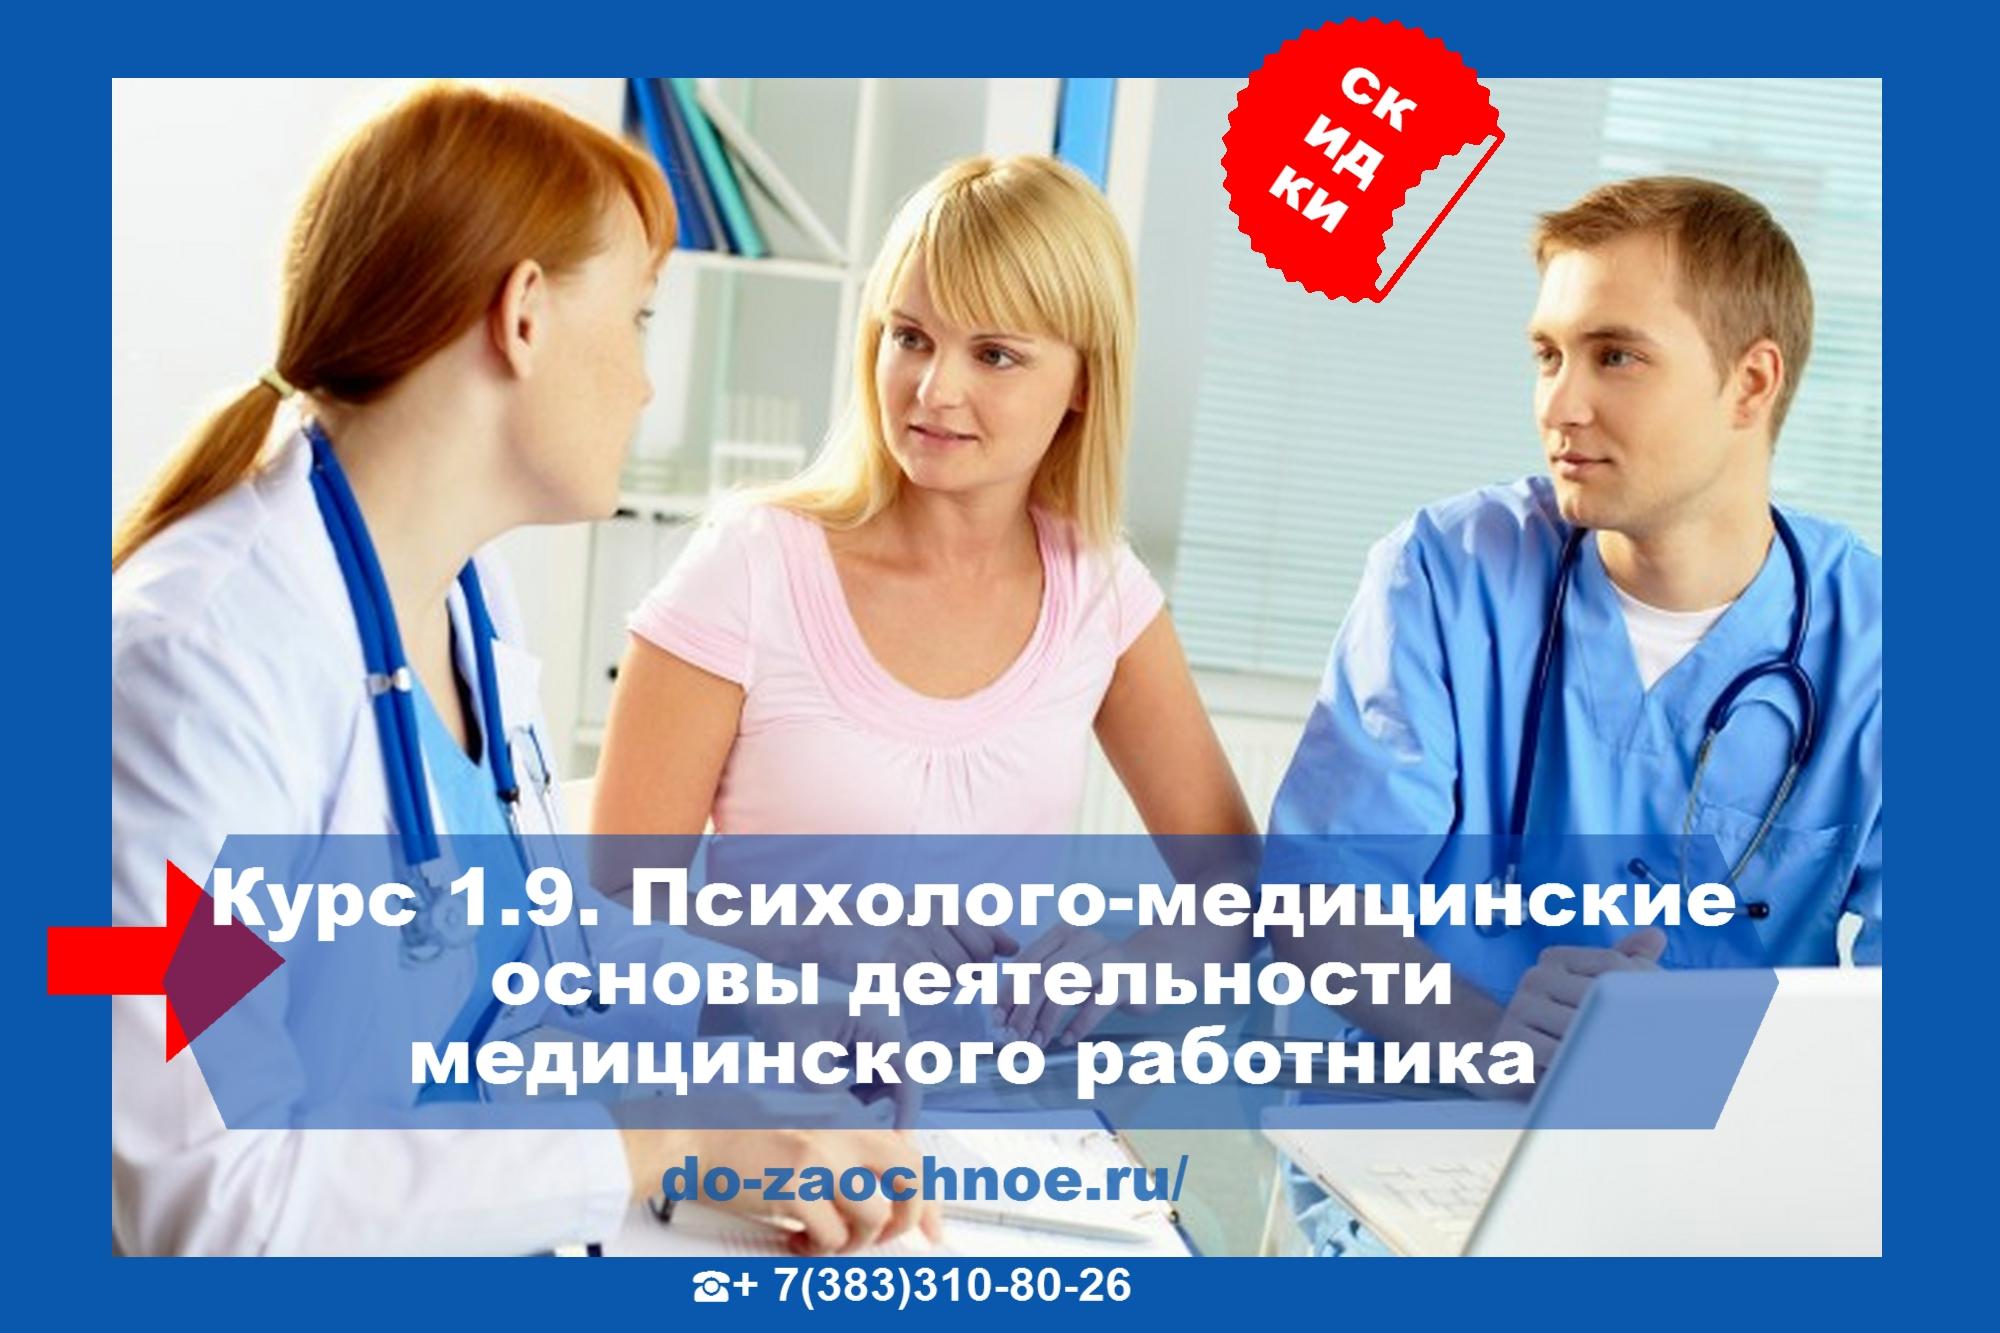 Дистанционные курс ИДПК ГО Психолого-медицинские основы деятельности медицинского работника